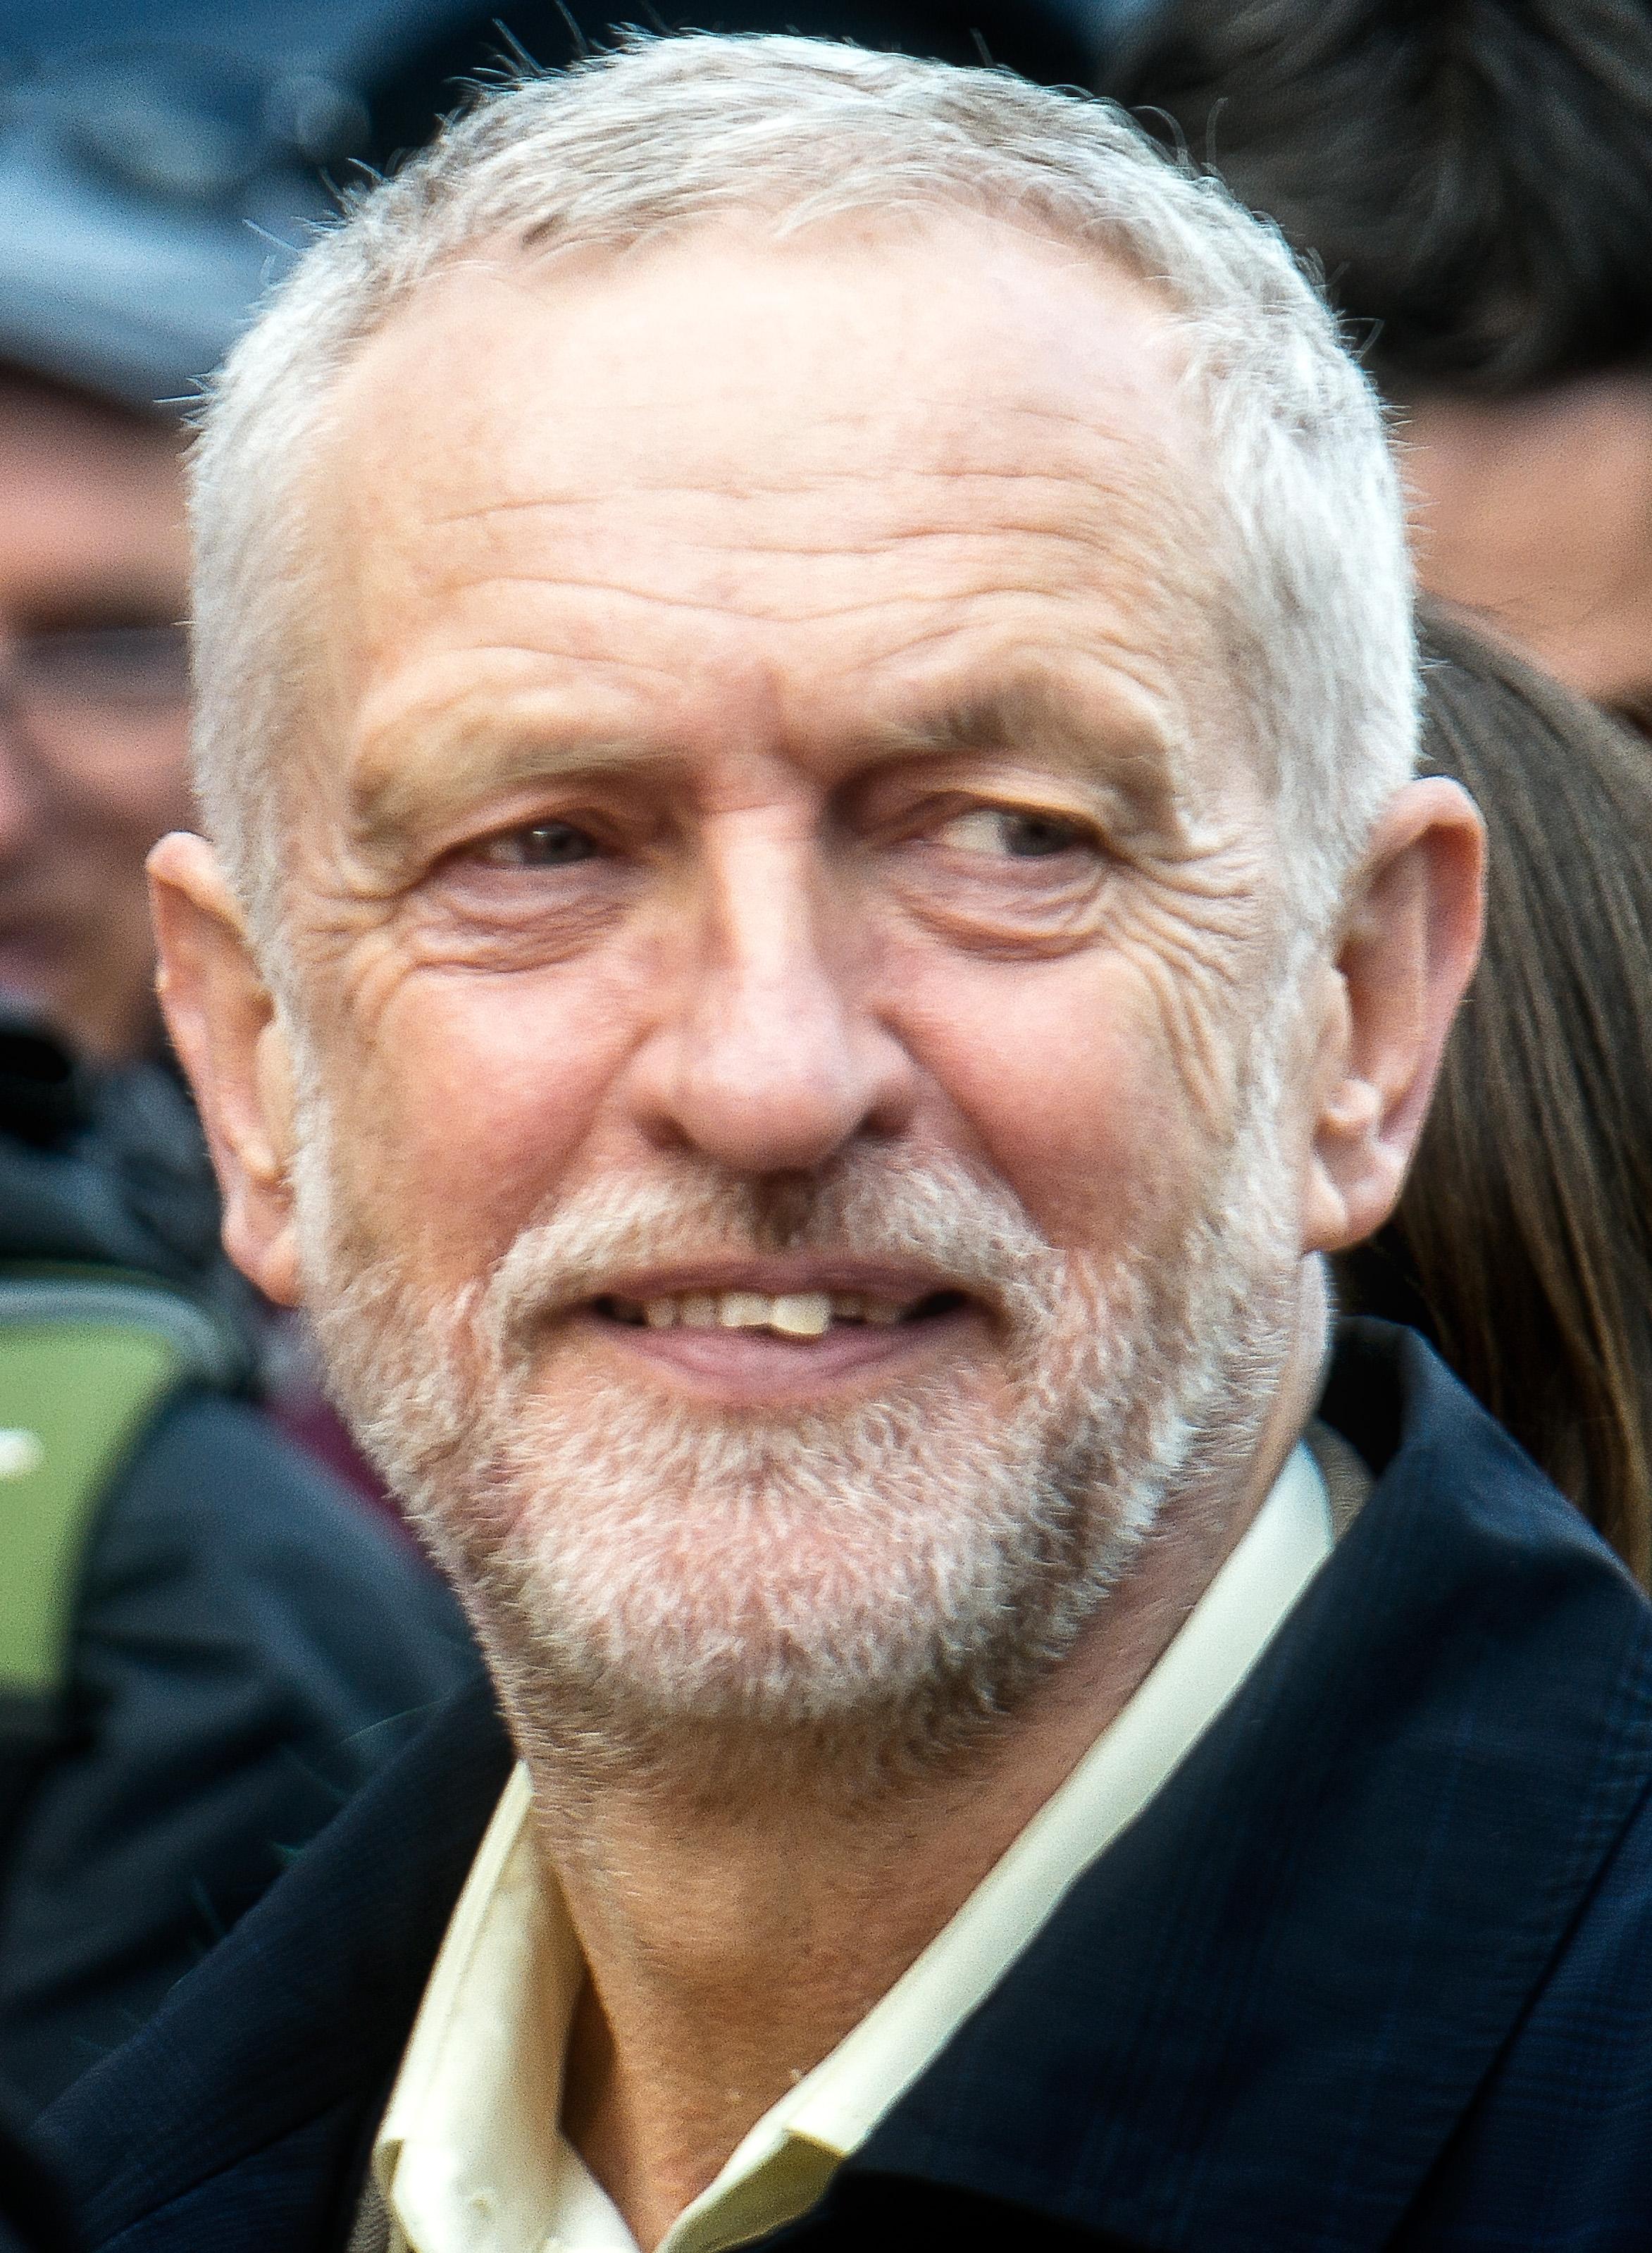 jeremy corbyn - photo #4